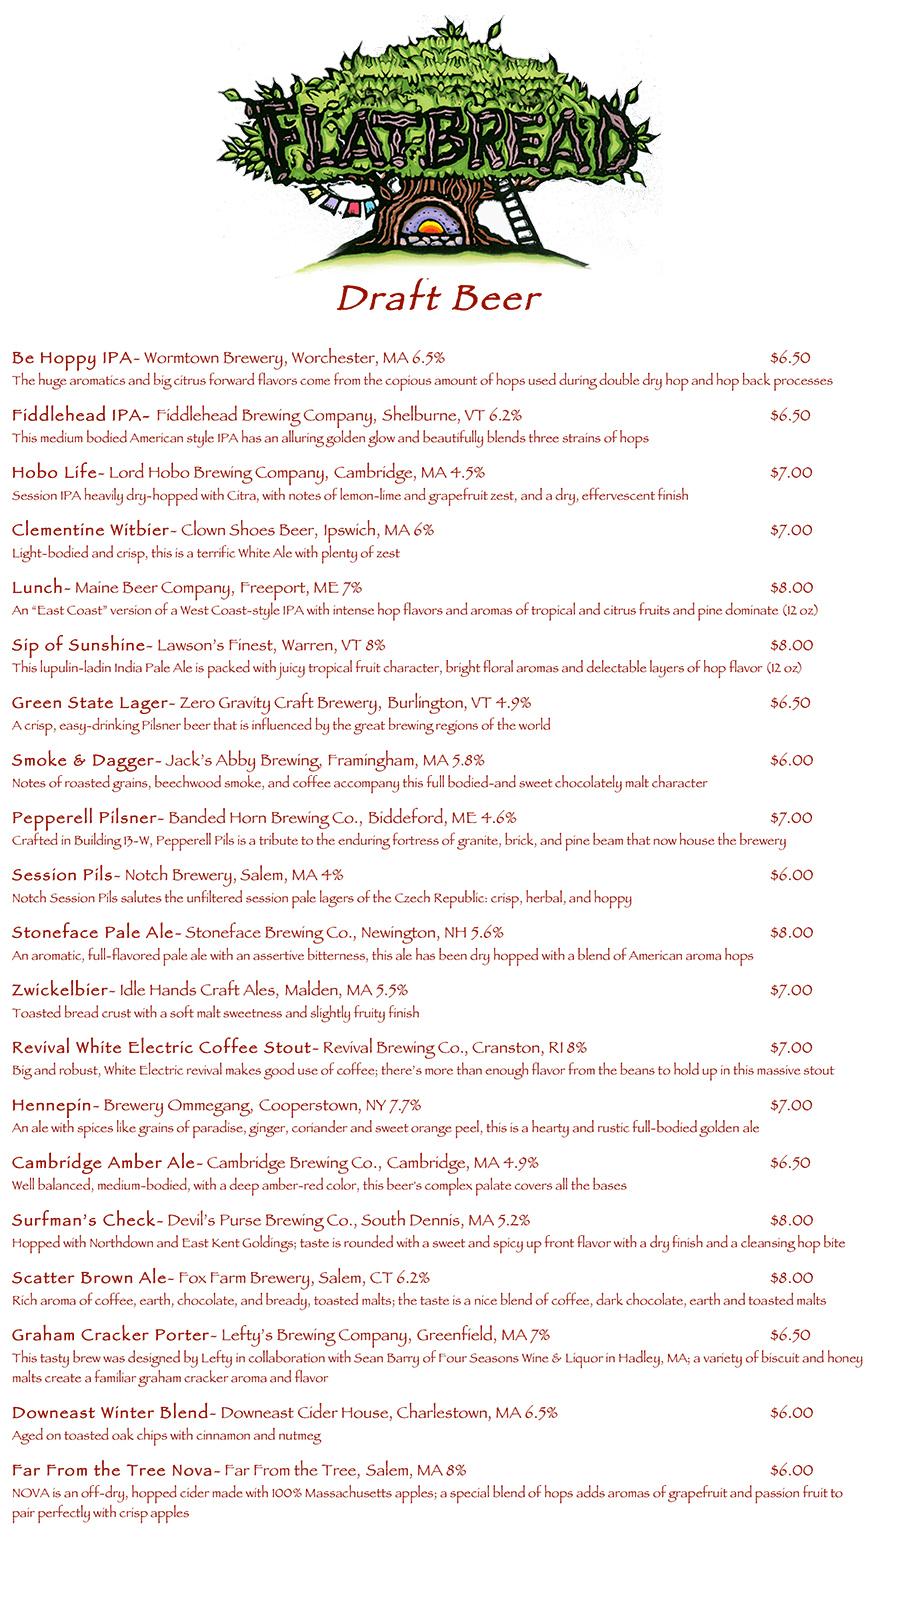 Flatbread Brighton beer list